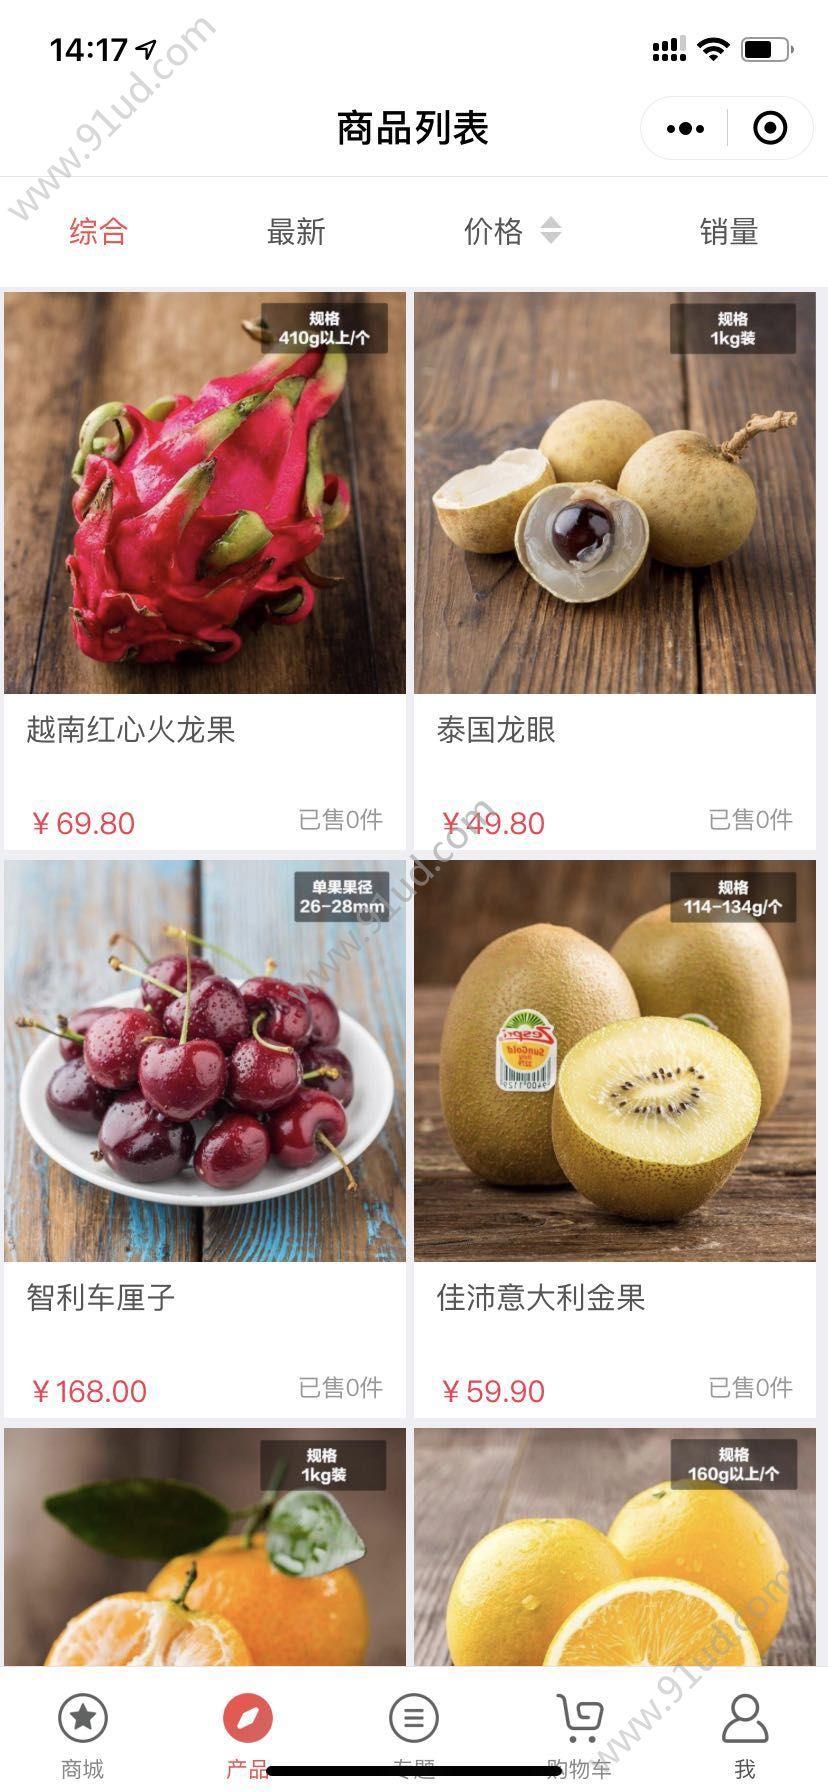 新疆水果特产小程序截图